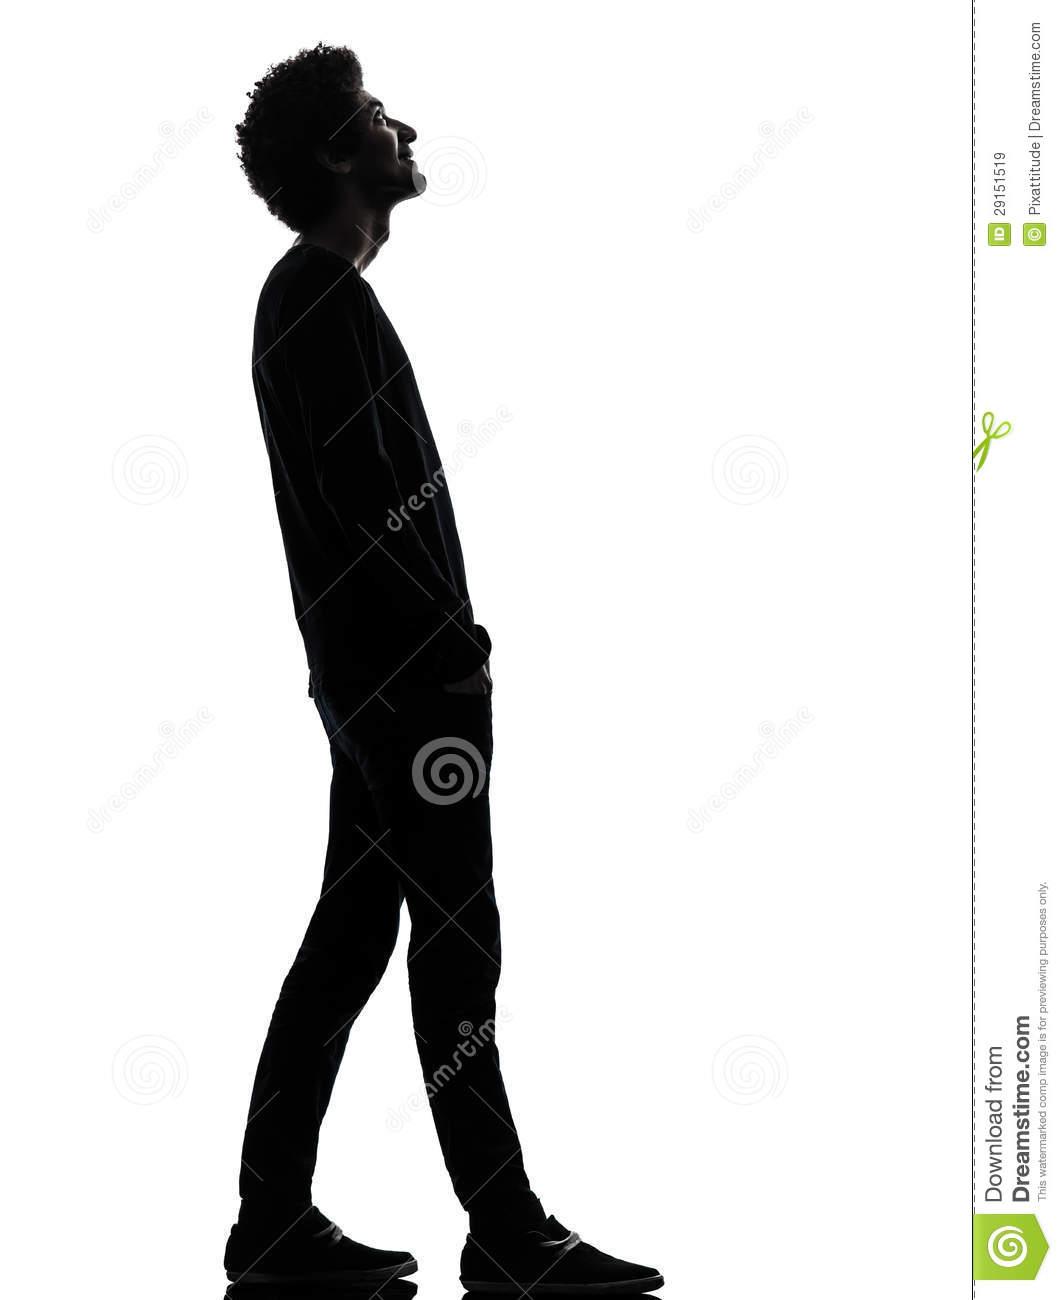 Man standing sideways looking down